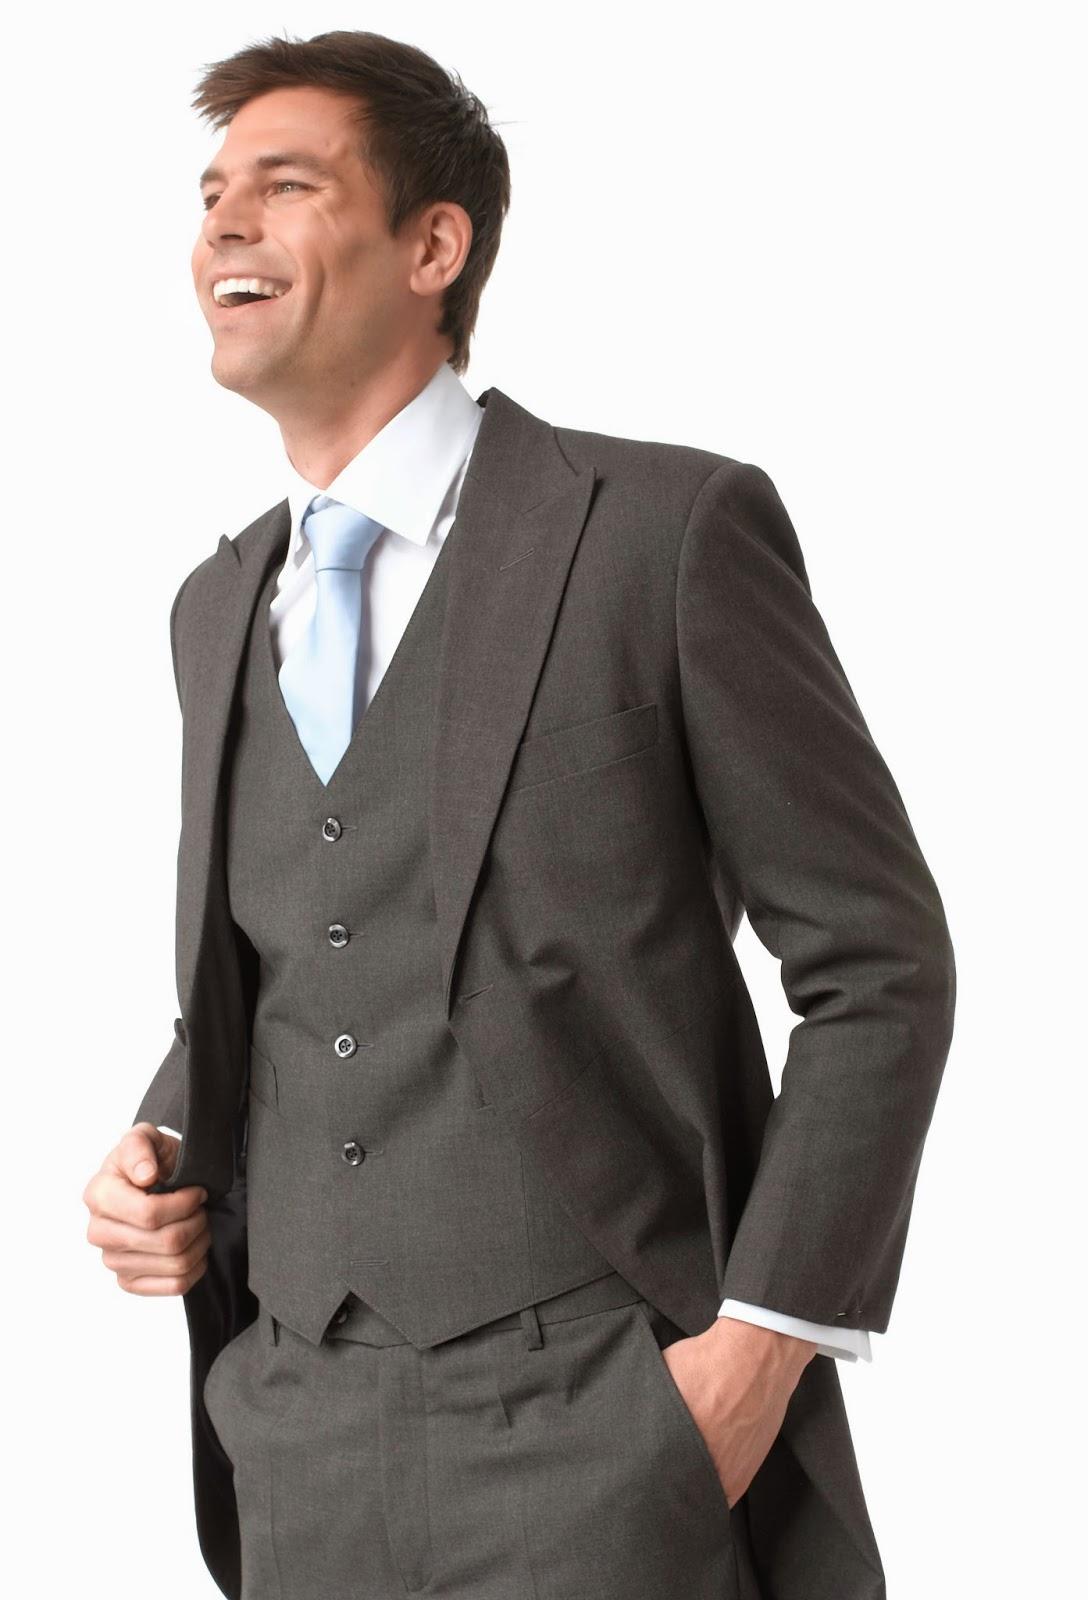 09a1423399141 Slim fit veya İtalyan kesim olarak tabir edilen modeller oluyor bunlar.  Ceketin omuzları vücudunuza mükemmel bir şekilde oturmalı, kolları da fazla  ...